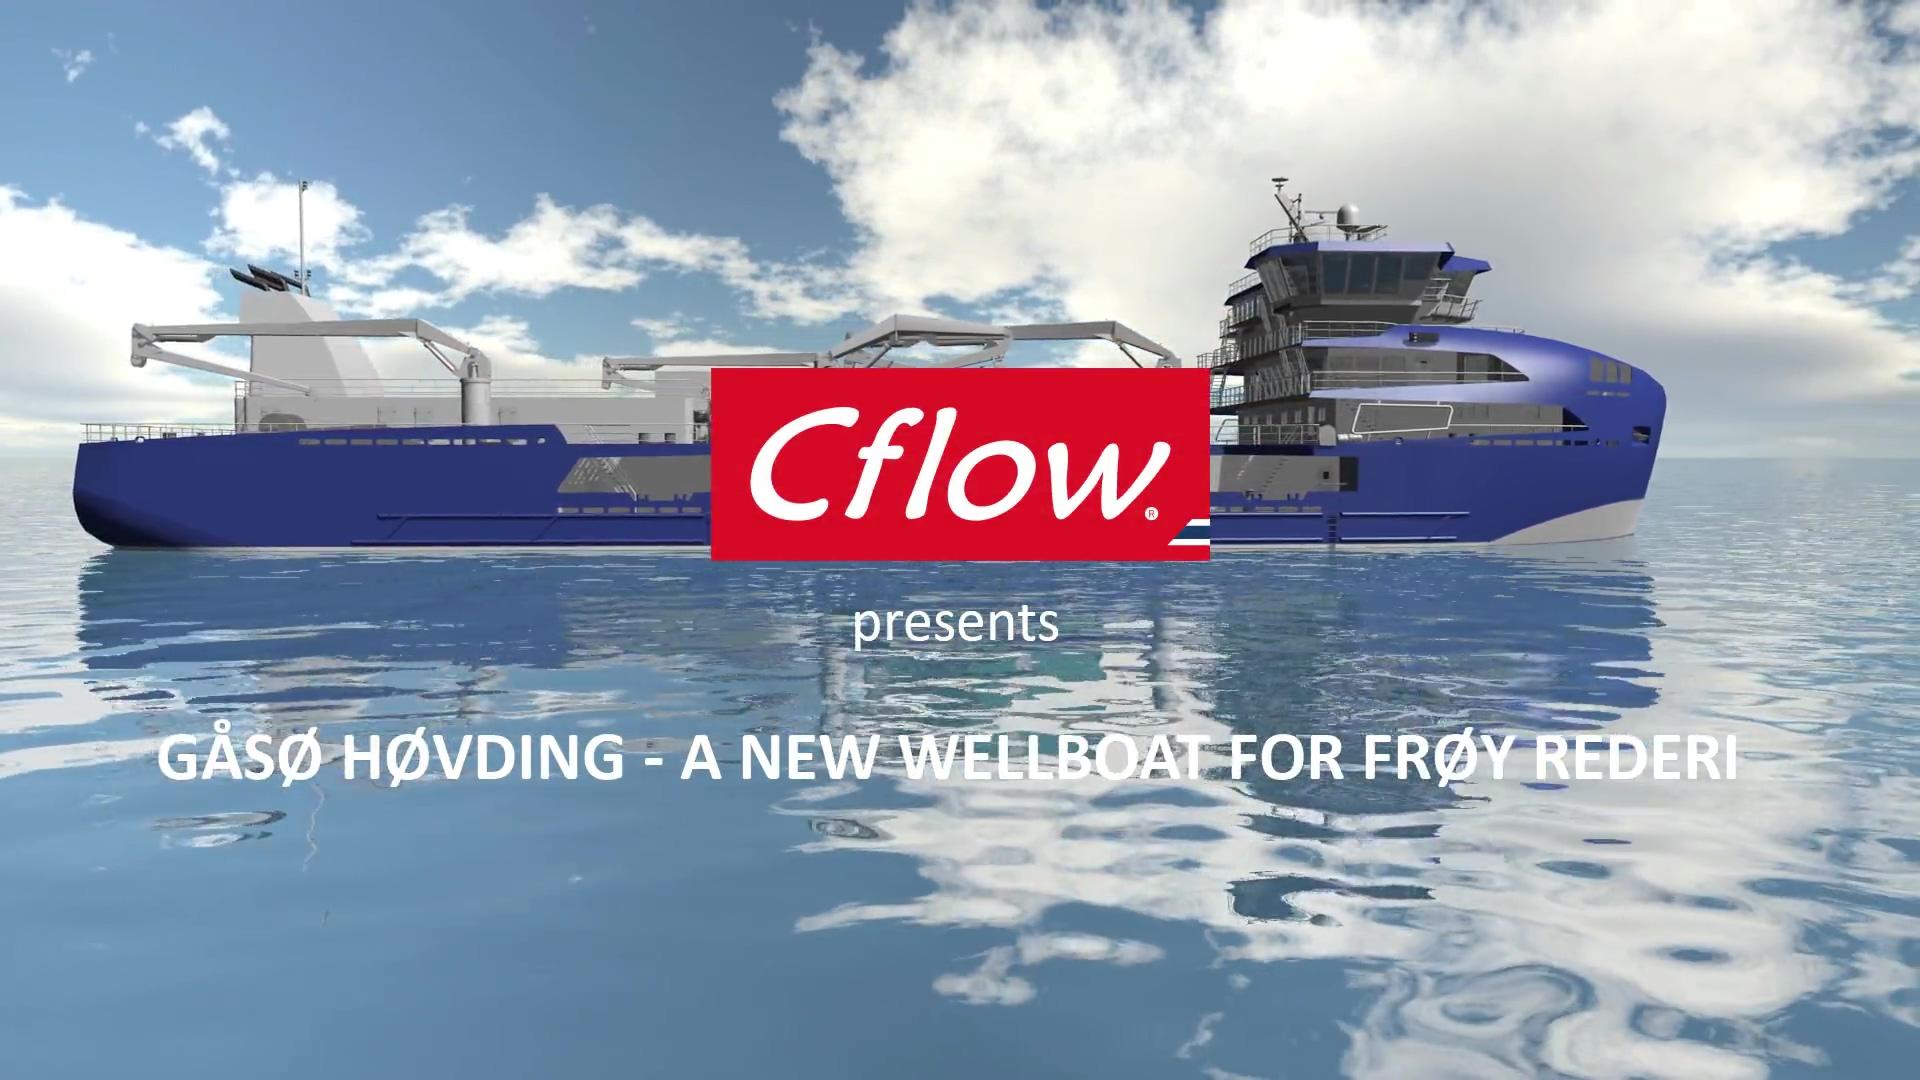 Gåsø Høvding_World biggest wellboat_Cflow features_022021